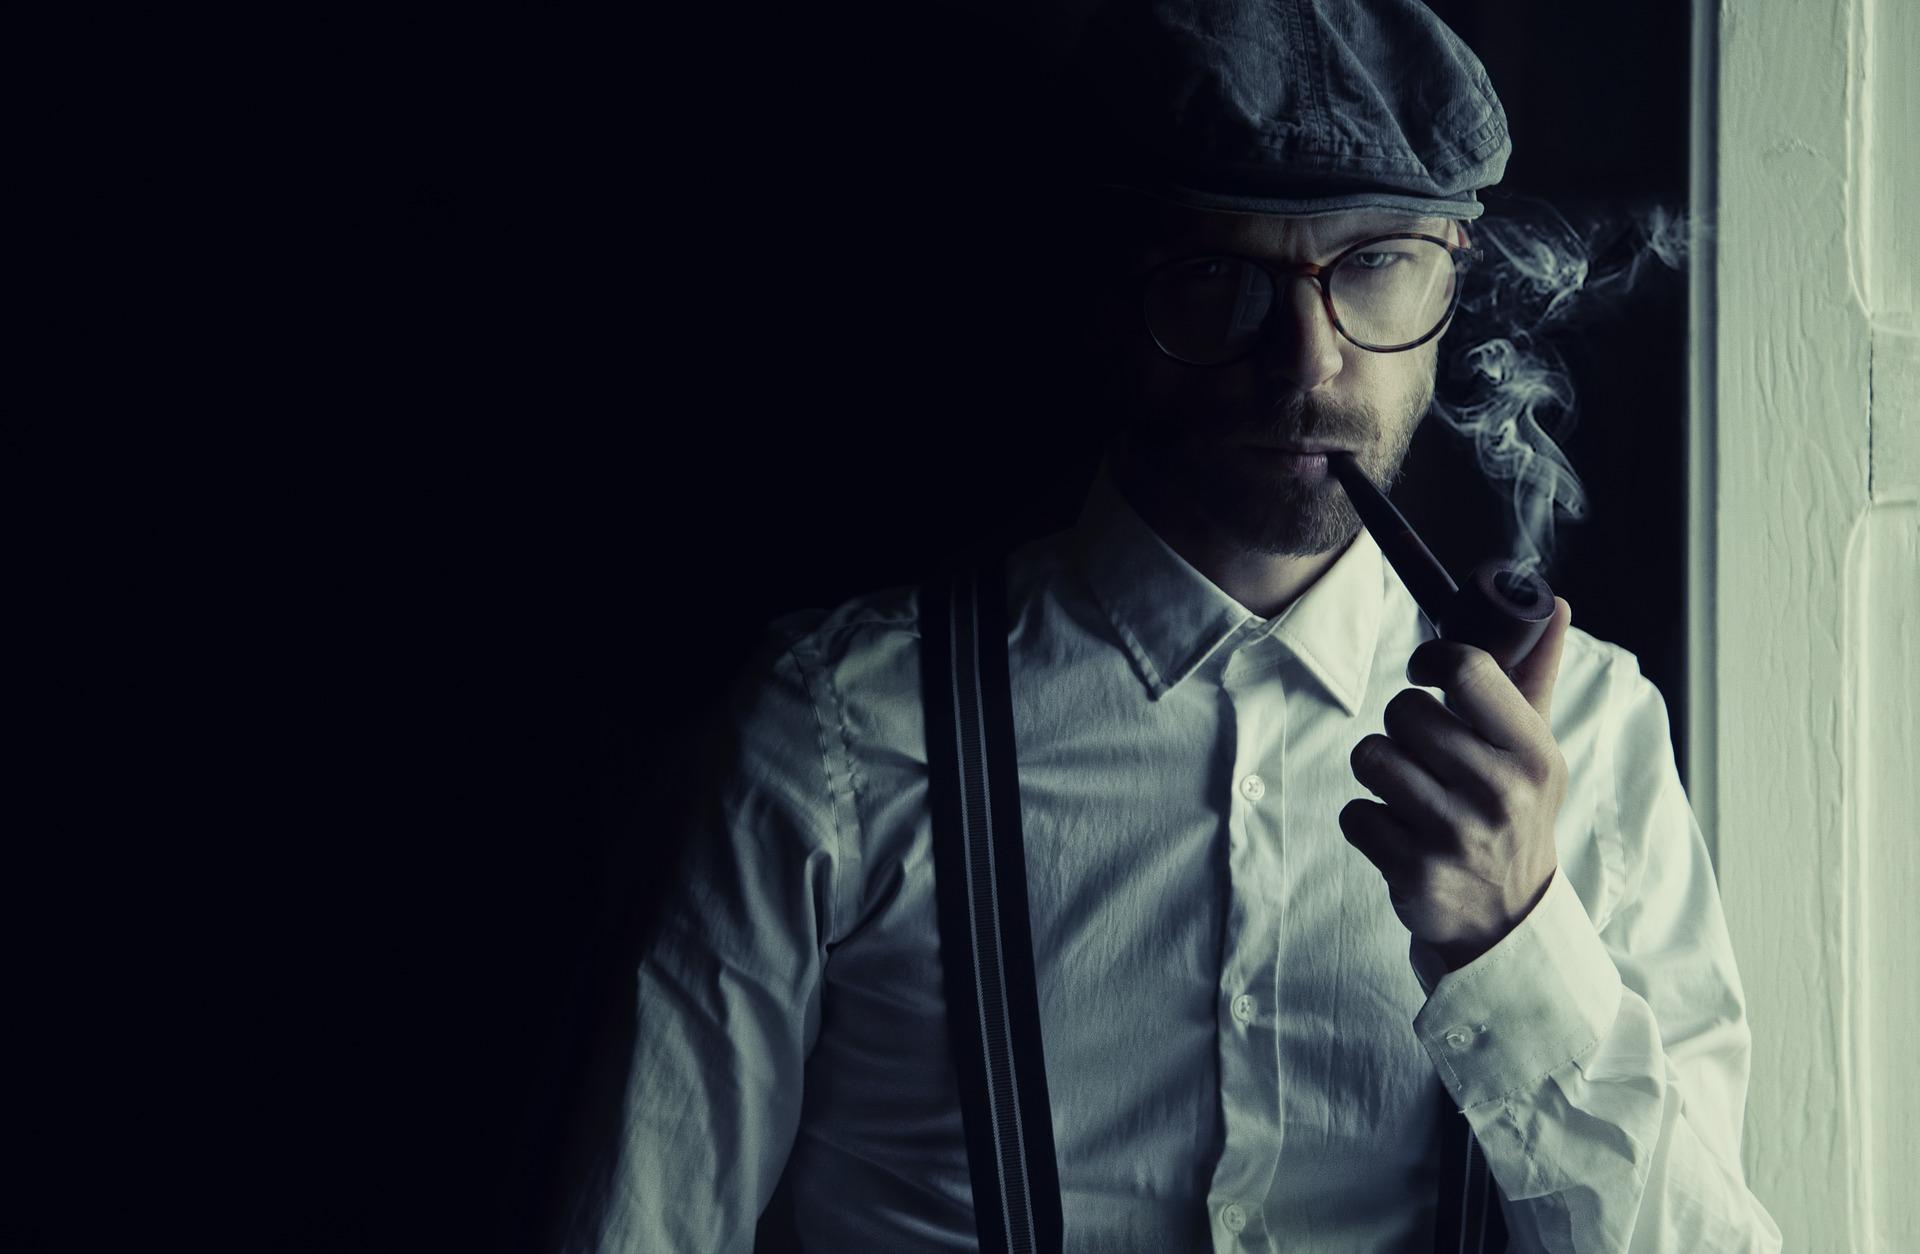 Od czego zależy cennik usług detektywistycznych?